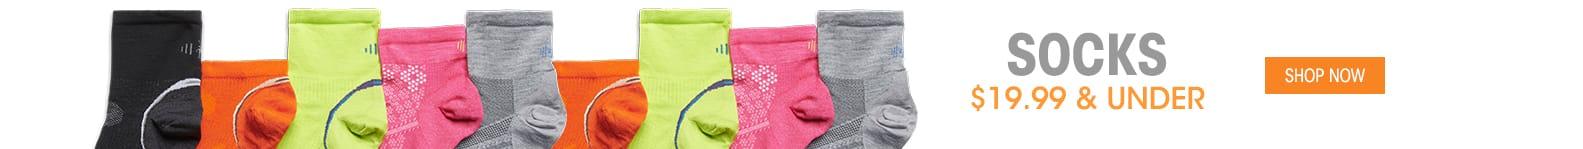 Socks - $19.99 & Under